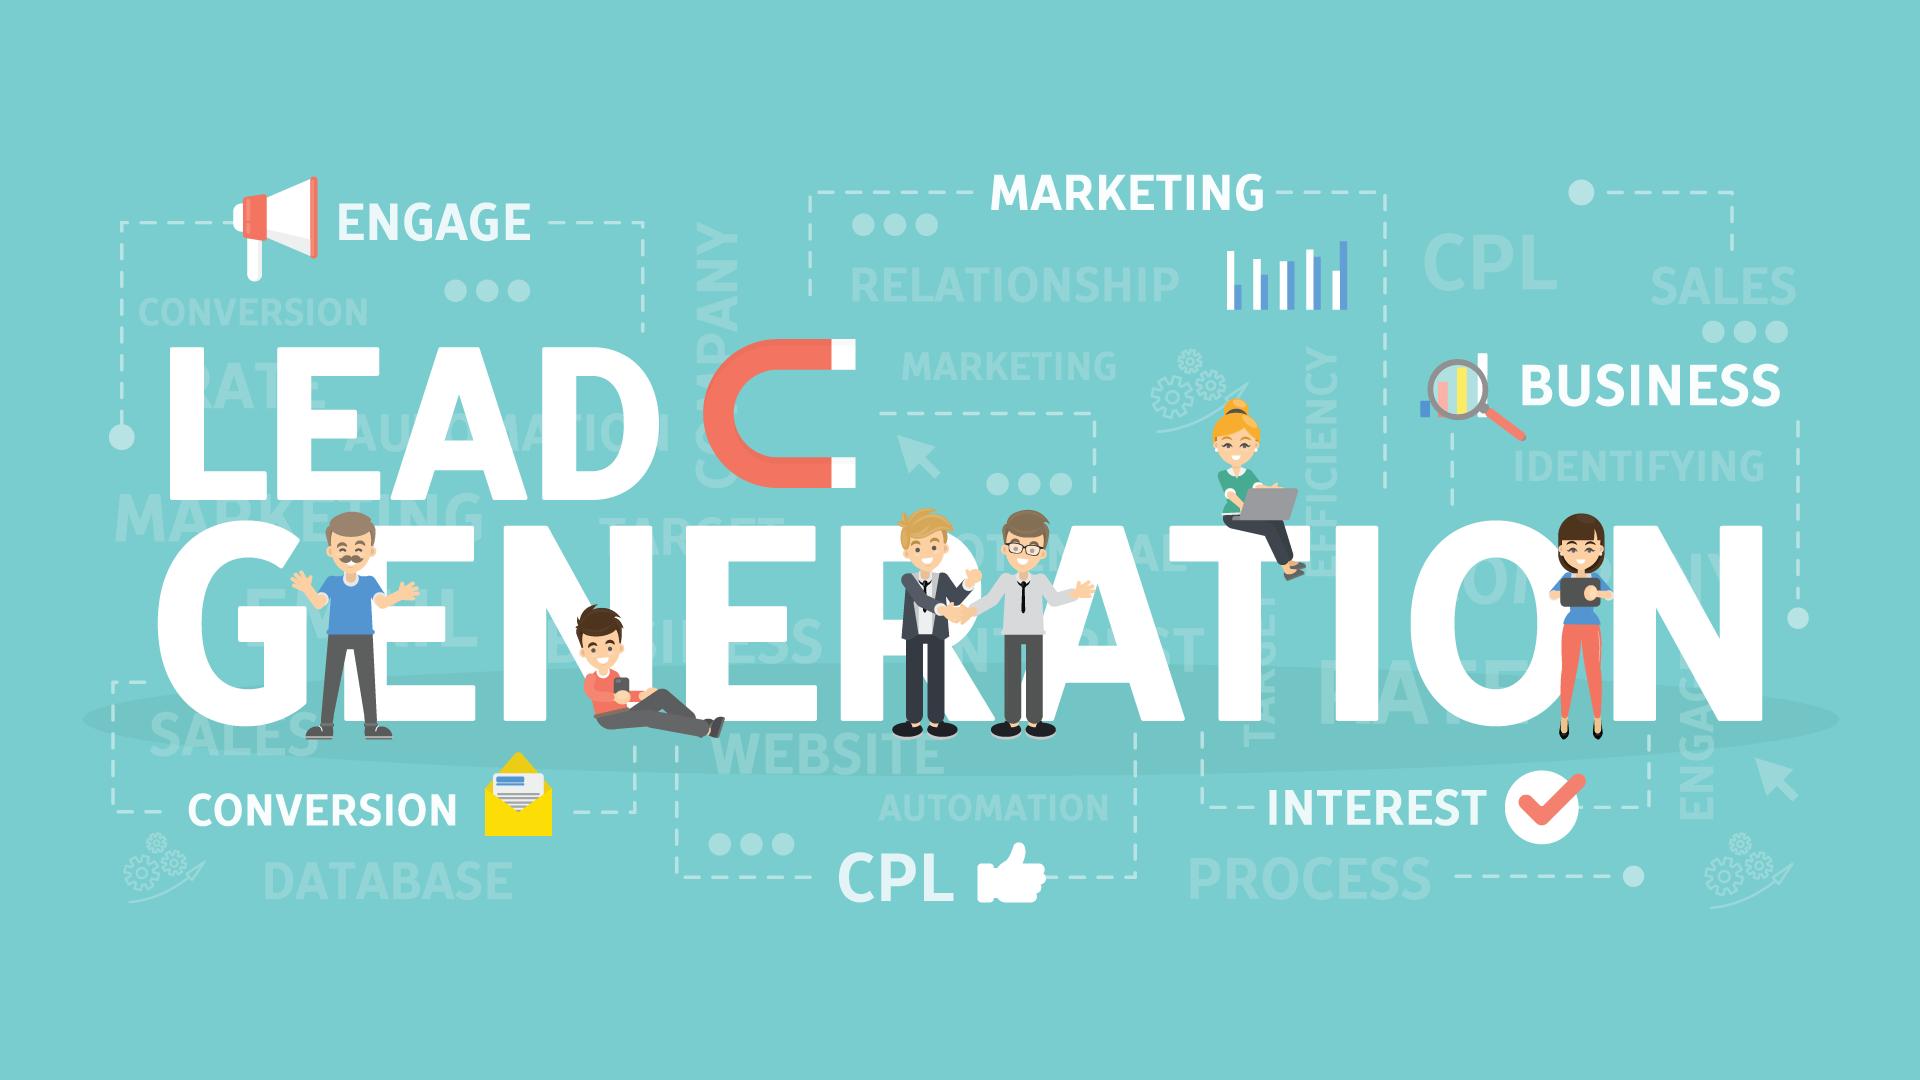 Lead Generation Techniques